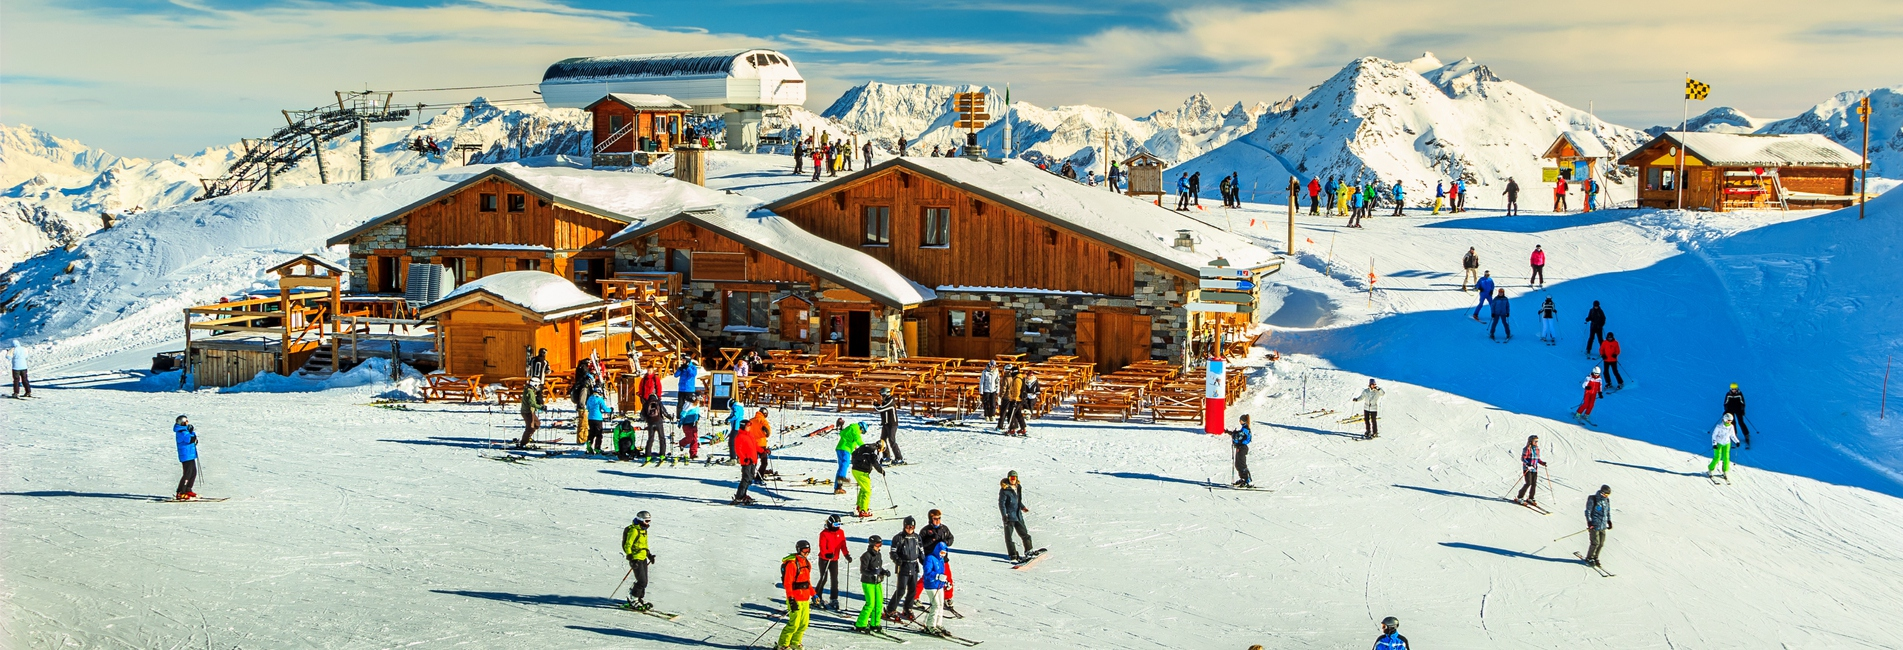 Skipisten, Skistation und Hütten in den französischen Alpen